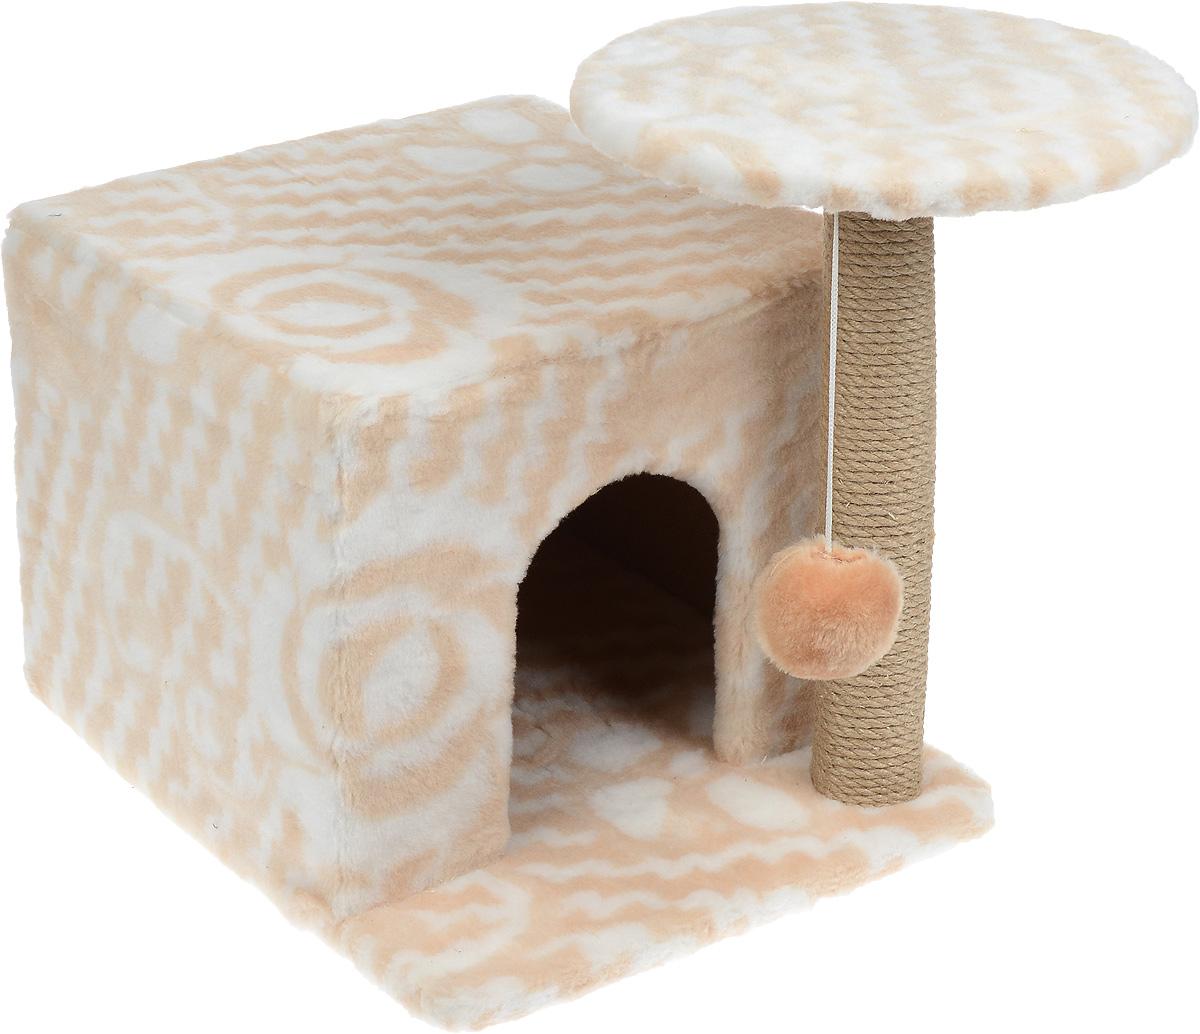 Игровой комплекс для кошек Меридиан, с когтеточкой и домиком, цвет: белый, бежевый, 35 х 45 х 45 см0120710Игровой комплекс для кошек Меридиан выполнен из высококачественного ДВП и ДСП и обтянут искусственным мехом. Изделие предназначено для кошек. Ваш домашний питомец будет с удовольствием точить когти о специальный столбик, изготовленный из джута. А отдохнуть он сможет либо на полке, находящейся наверху столбика, либо в расположенном внизу домике. Также на полке имеется подвесная игрушка, которая привлечет внимание кошки к когтеточке.Общий размер комплекса (с учетом выступающих частей): 59 х 45 х 44 см.Диаметр полки: 31 см.Размер домика: 45 х 35 х 32 см.